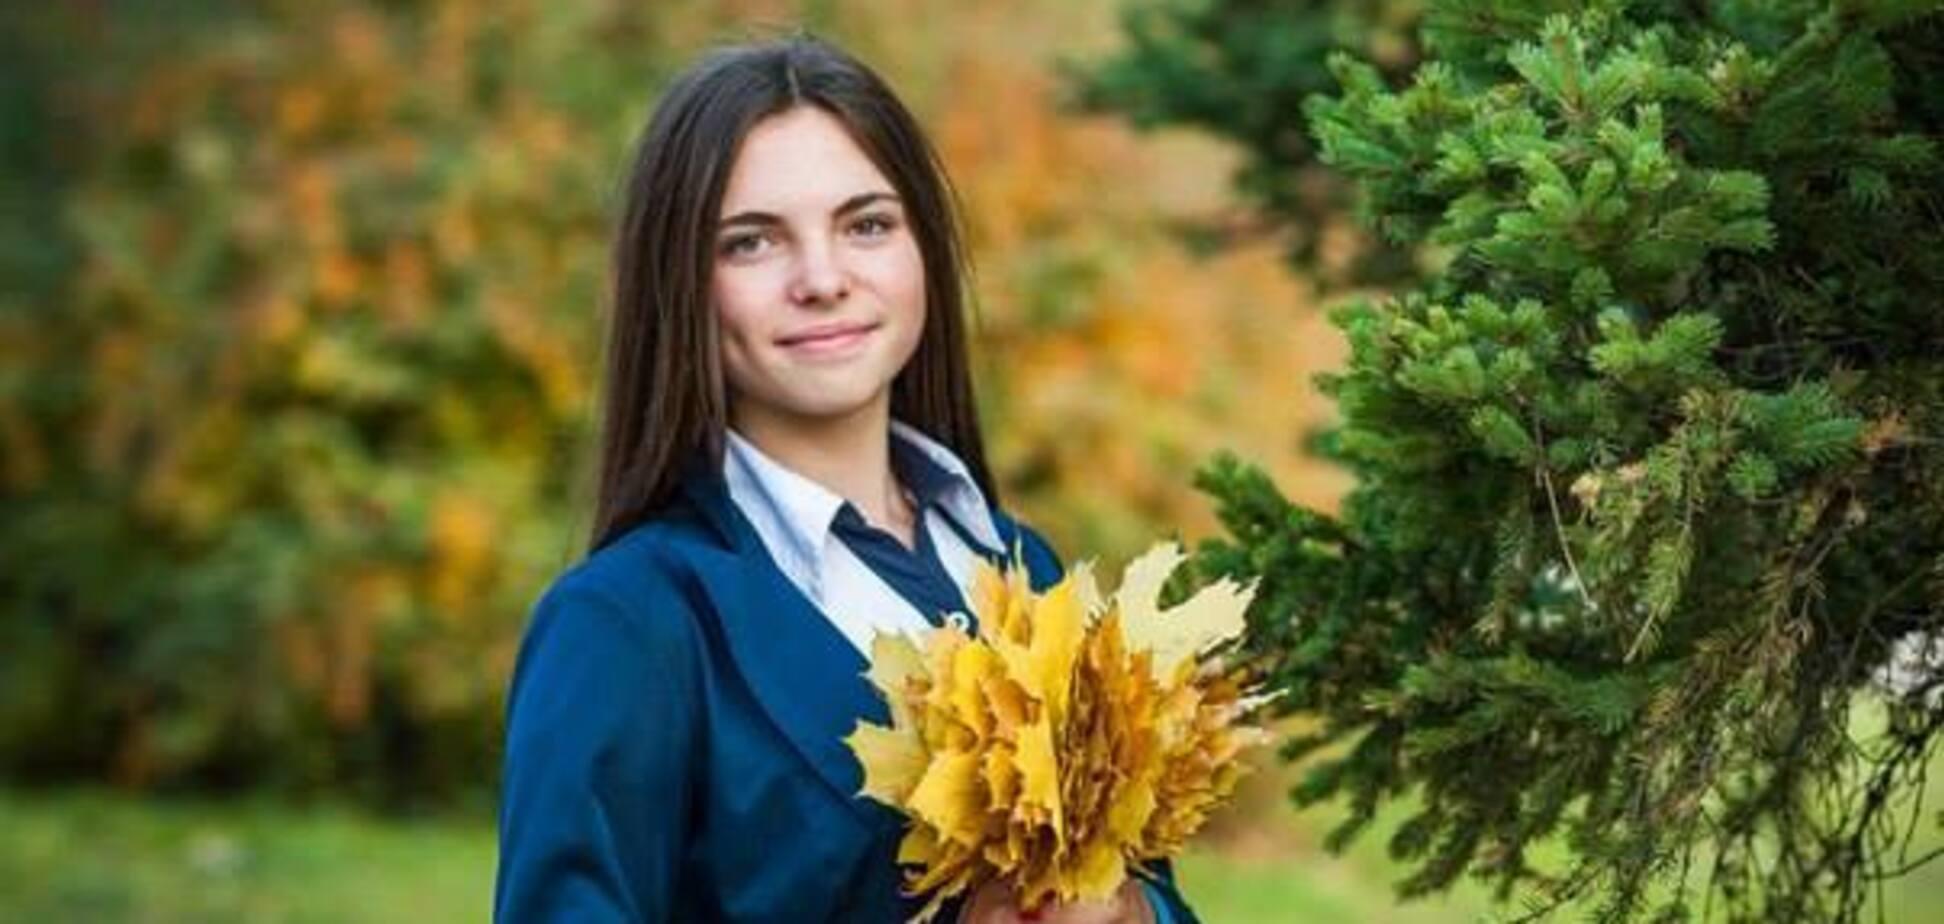 Убивство дівчинки на Донбасі: бабуся звинуватила ЗСУ